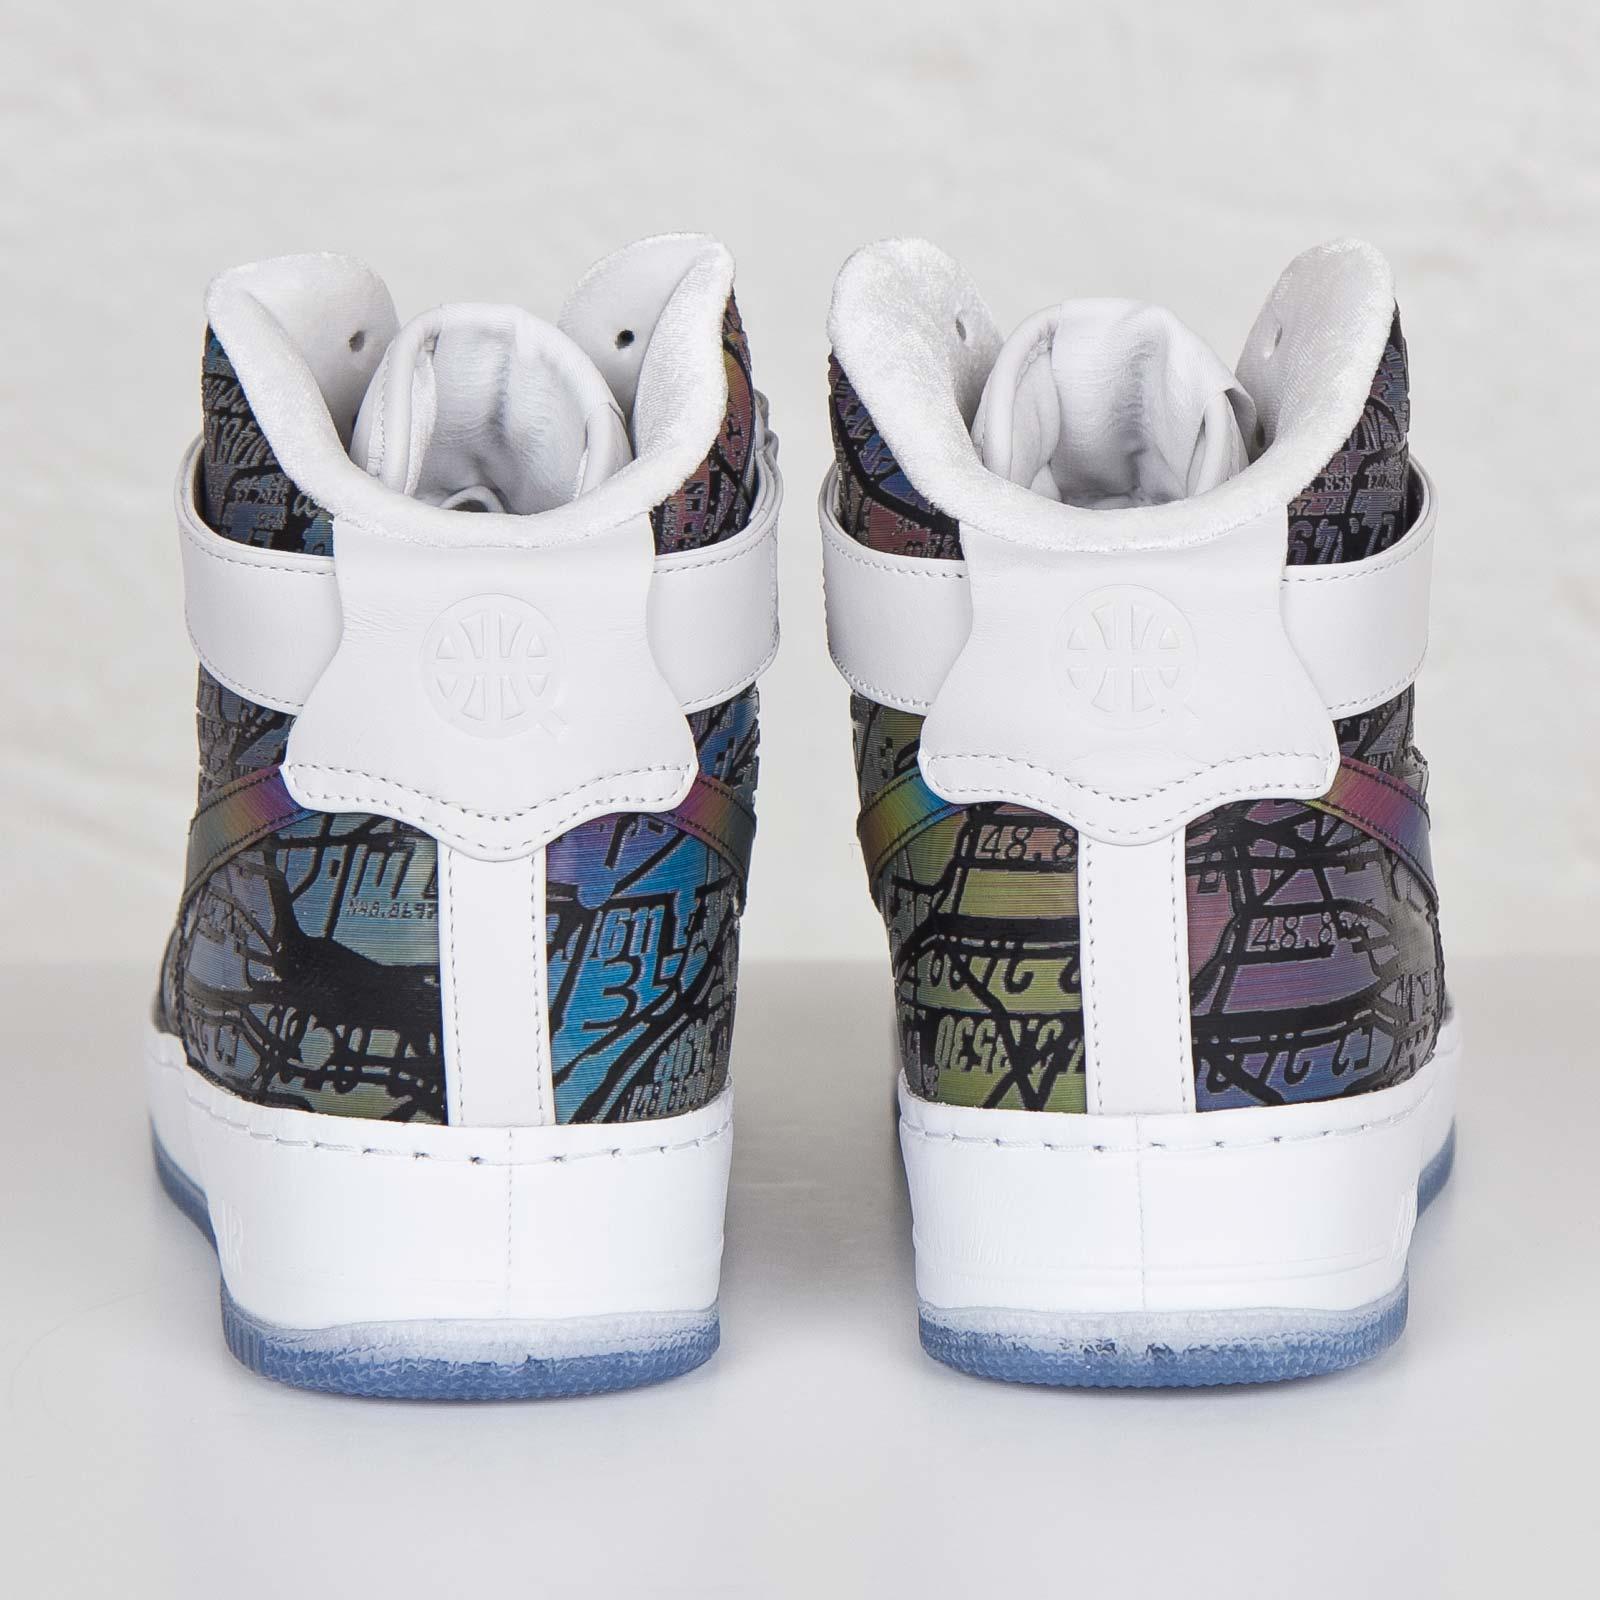 innovative design b6c00 9cf71 Nike Air Force 1 Hi Cmft LW Premium QS - 812981-900 - Sneakersnstuff    sneakers   streetwear online since 1999